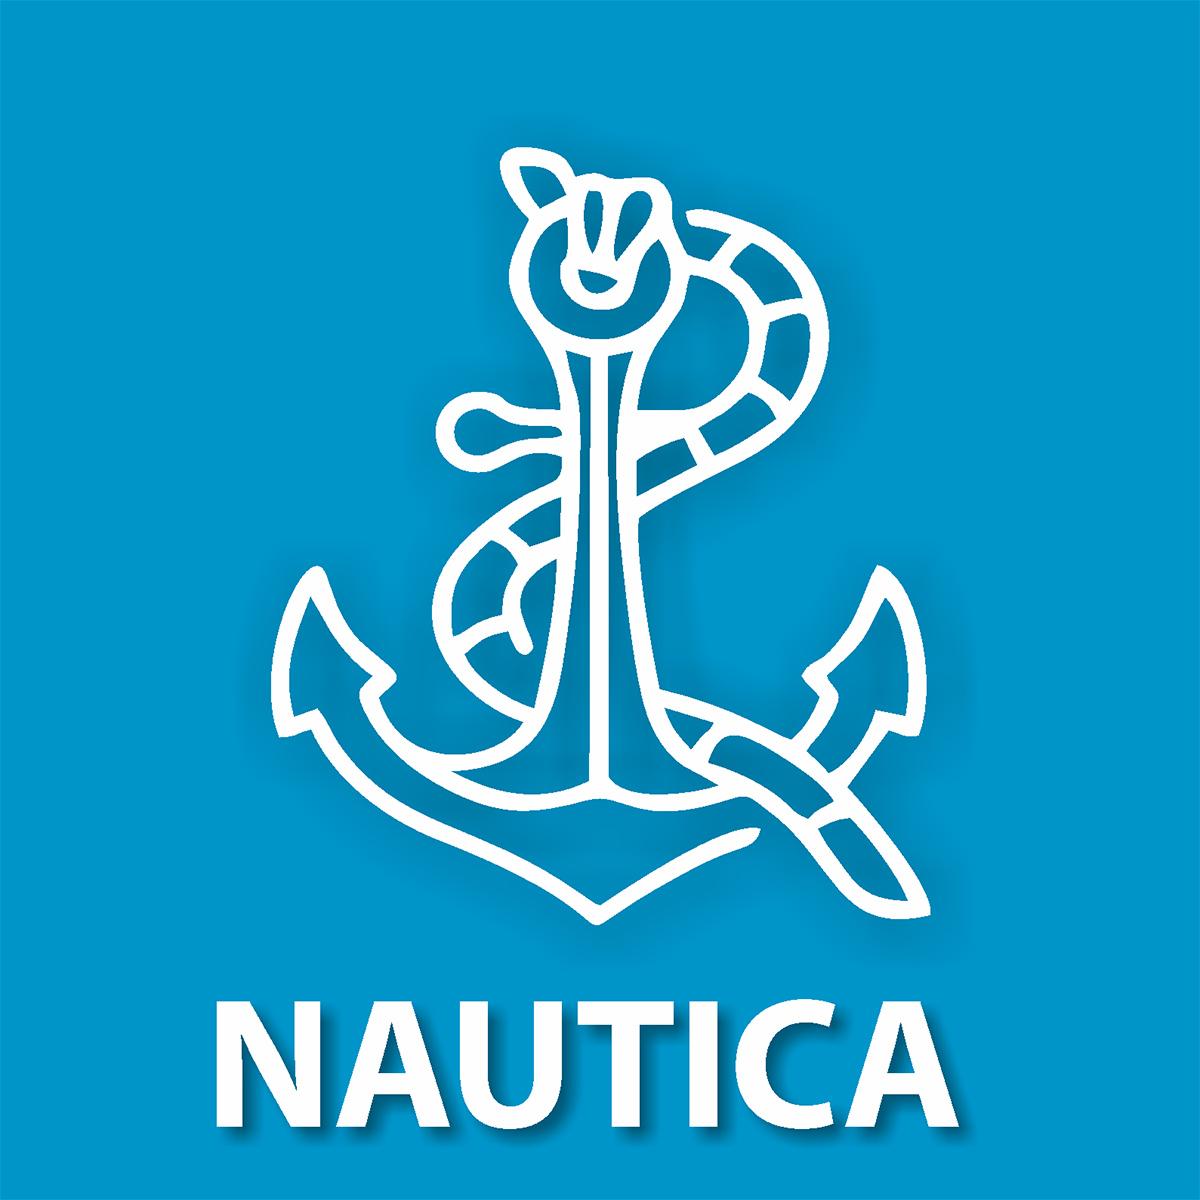 carrucel nautica